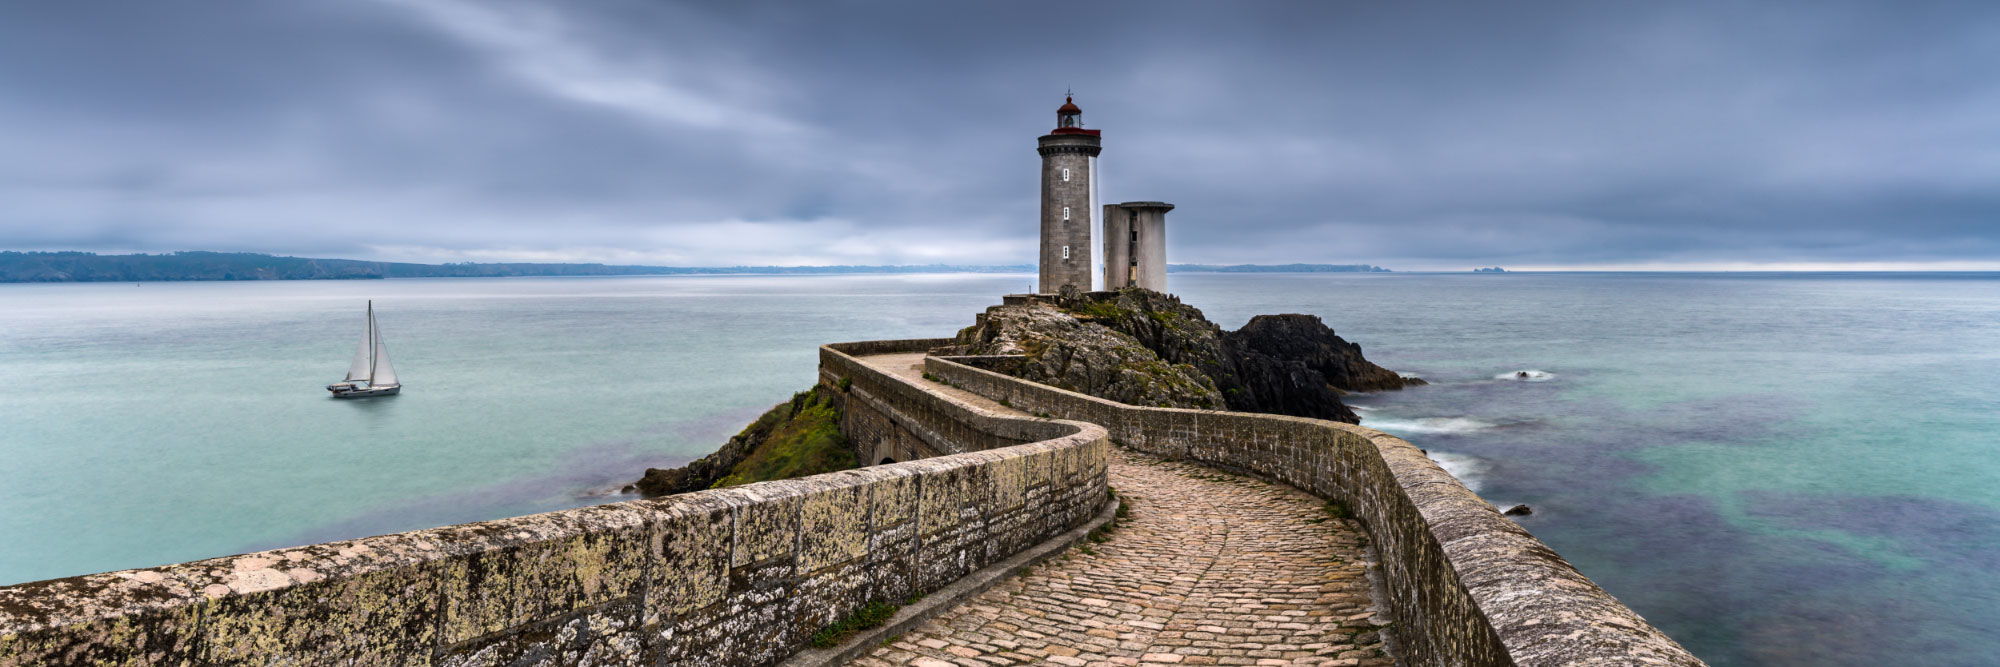 Phare du Petit Minou (entrée de la rade de Brest)